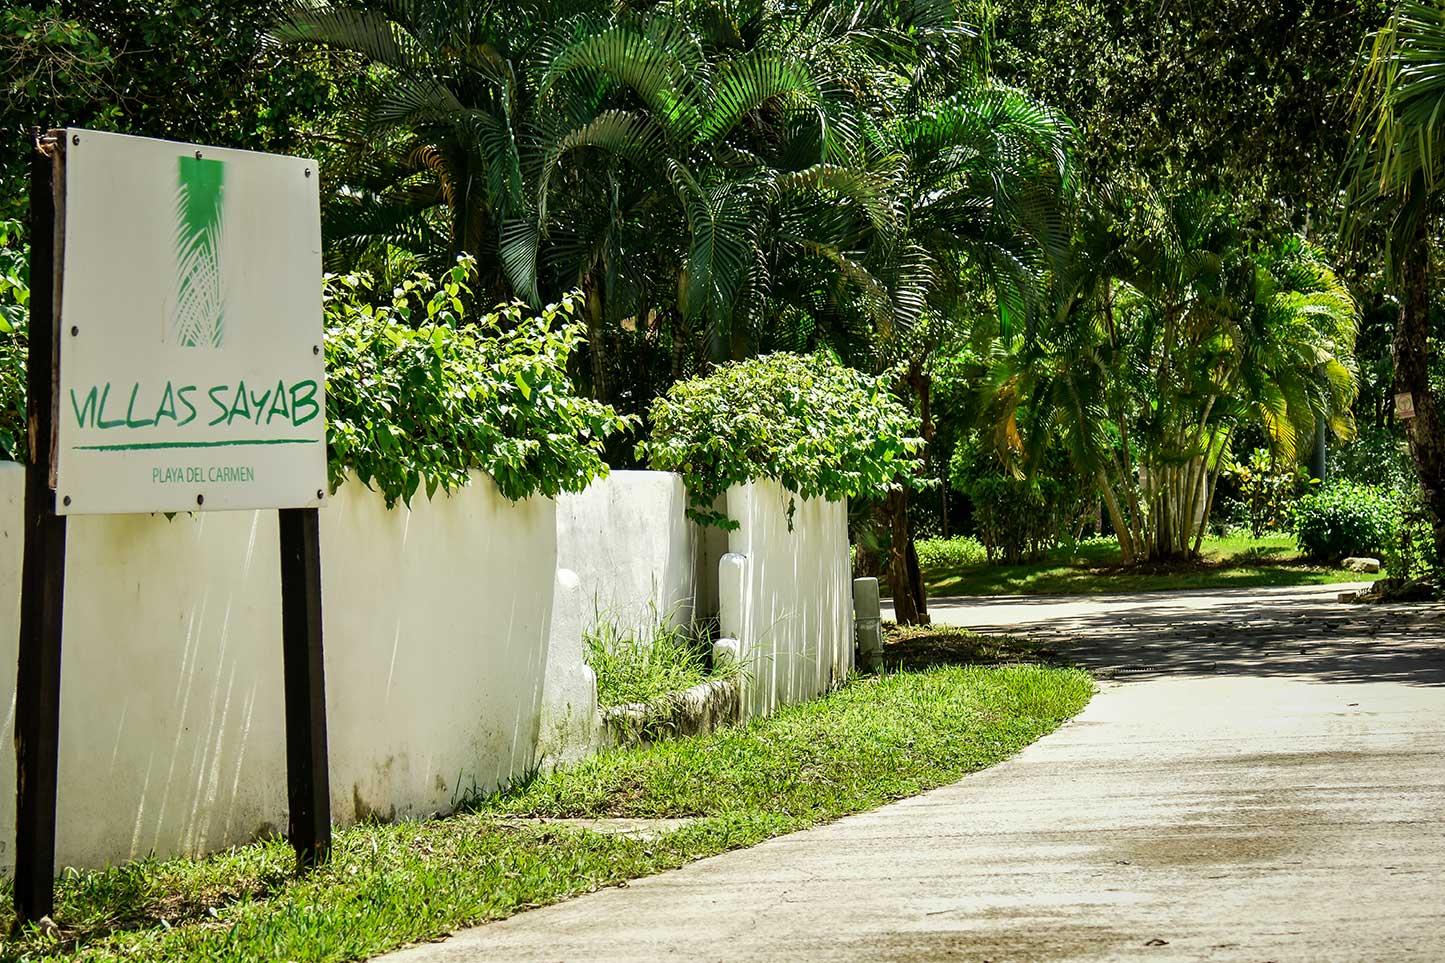 Villas Sayab